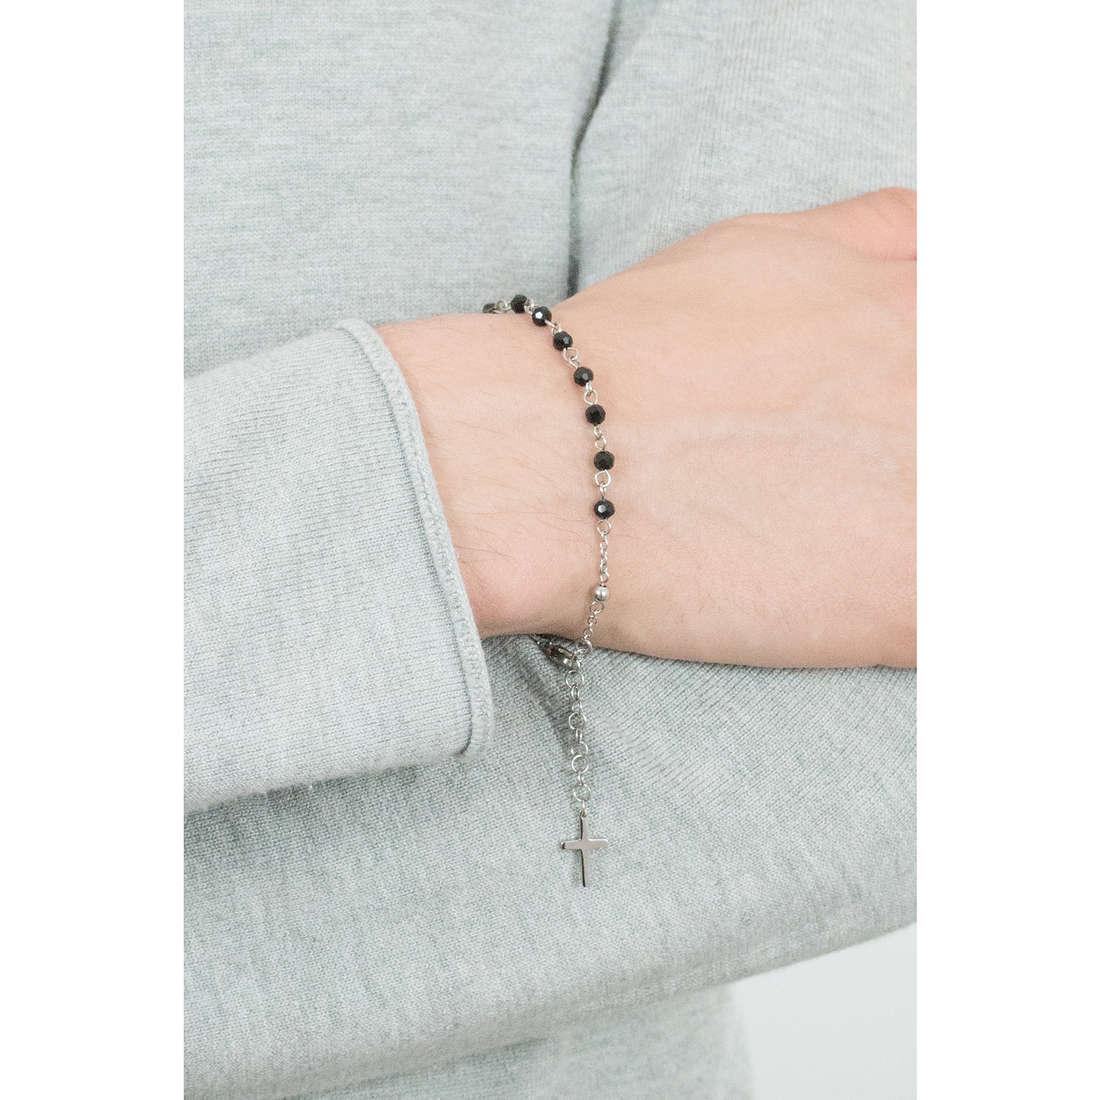 Luca Barra bracelets Religion Soul man LBBA797 photo wearing